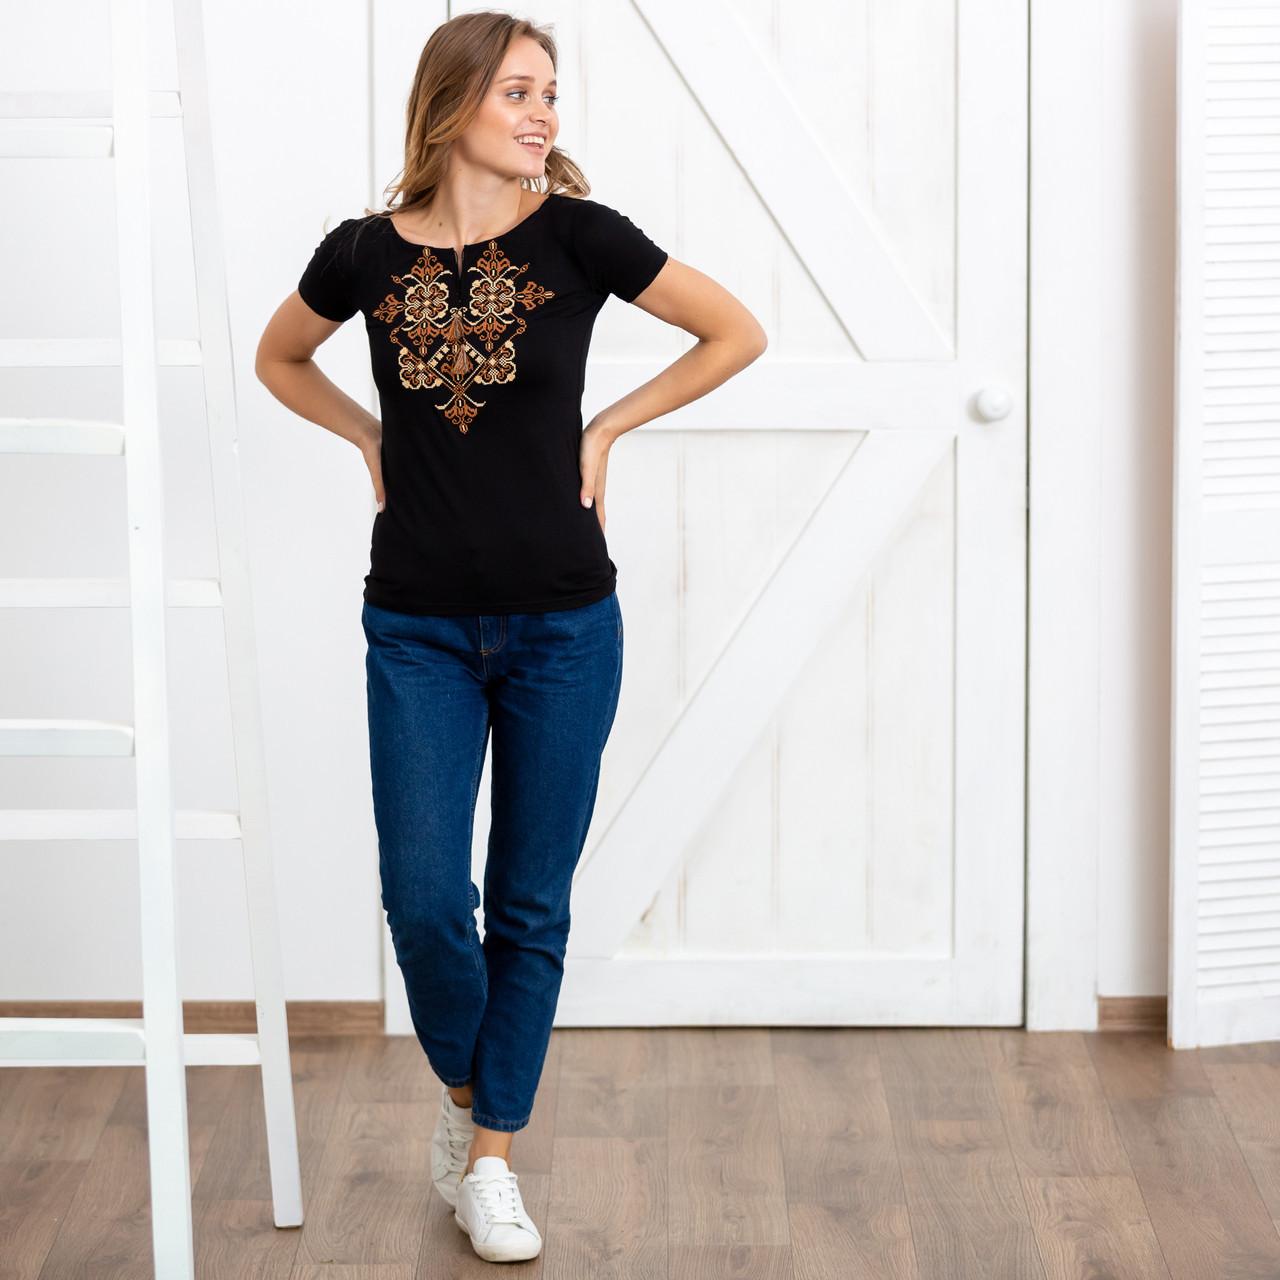 Украинская вышитая футболка Орнамент женская